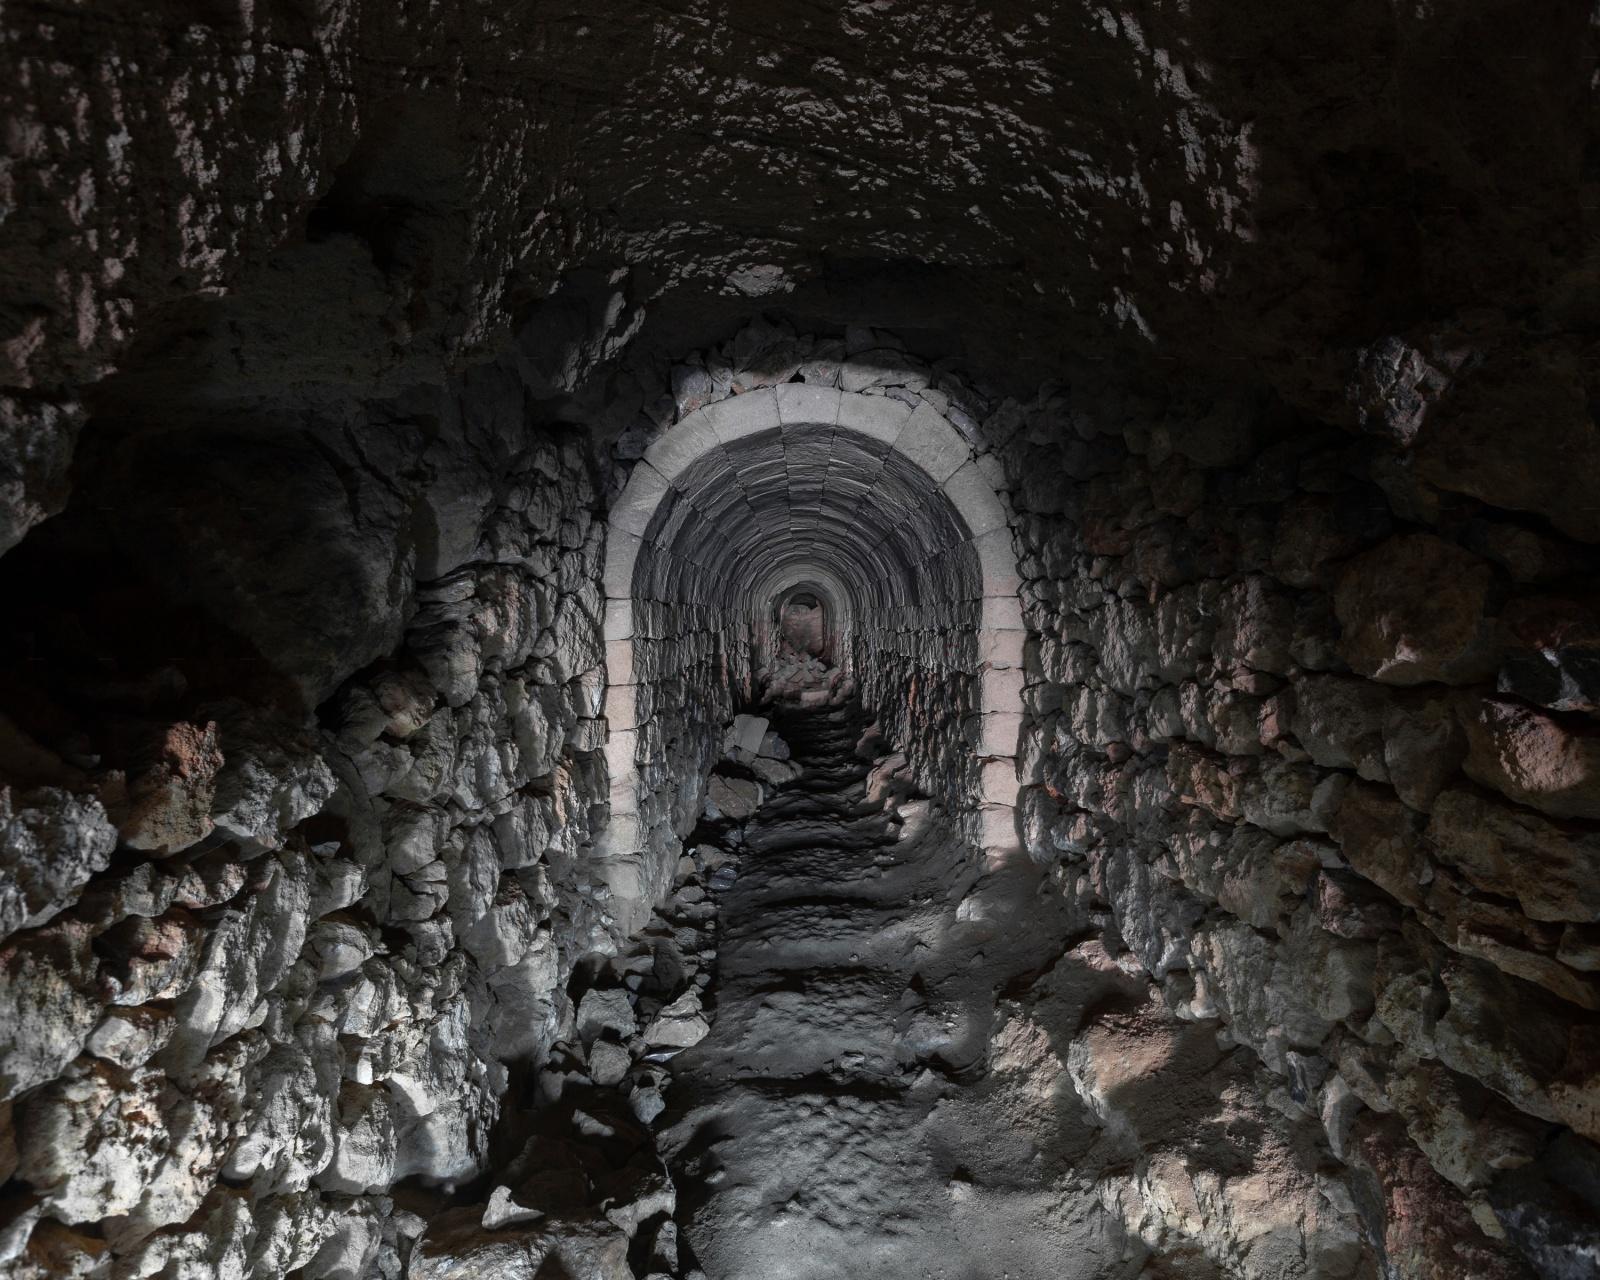 Miniera di rame, galleria, Alghero.